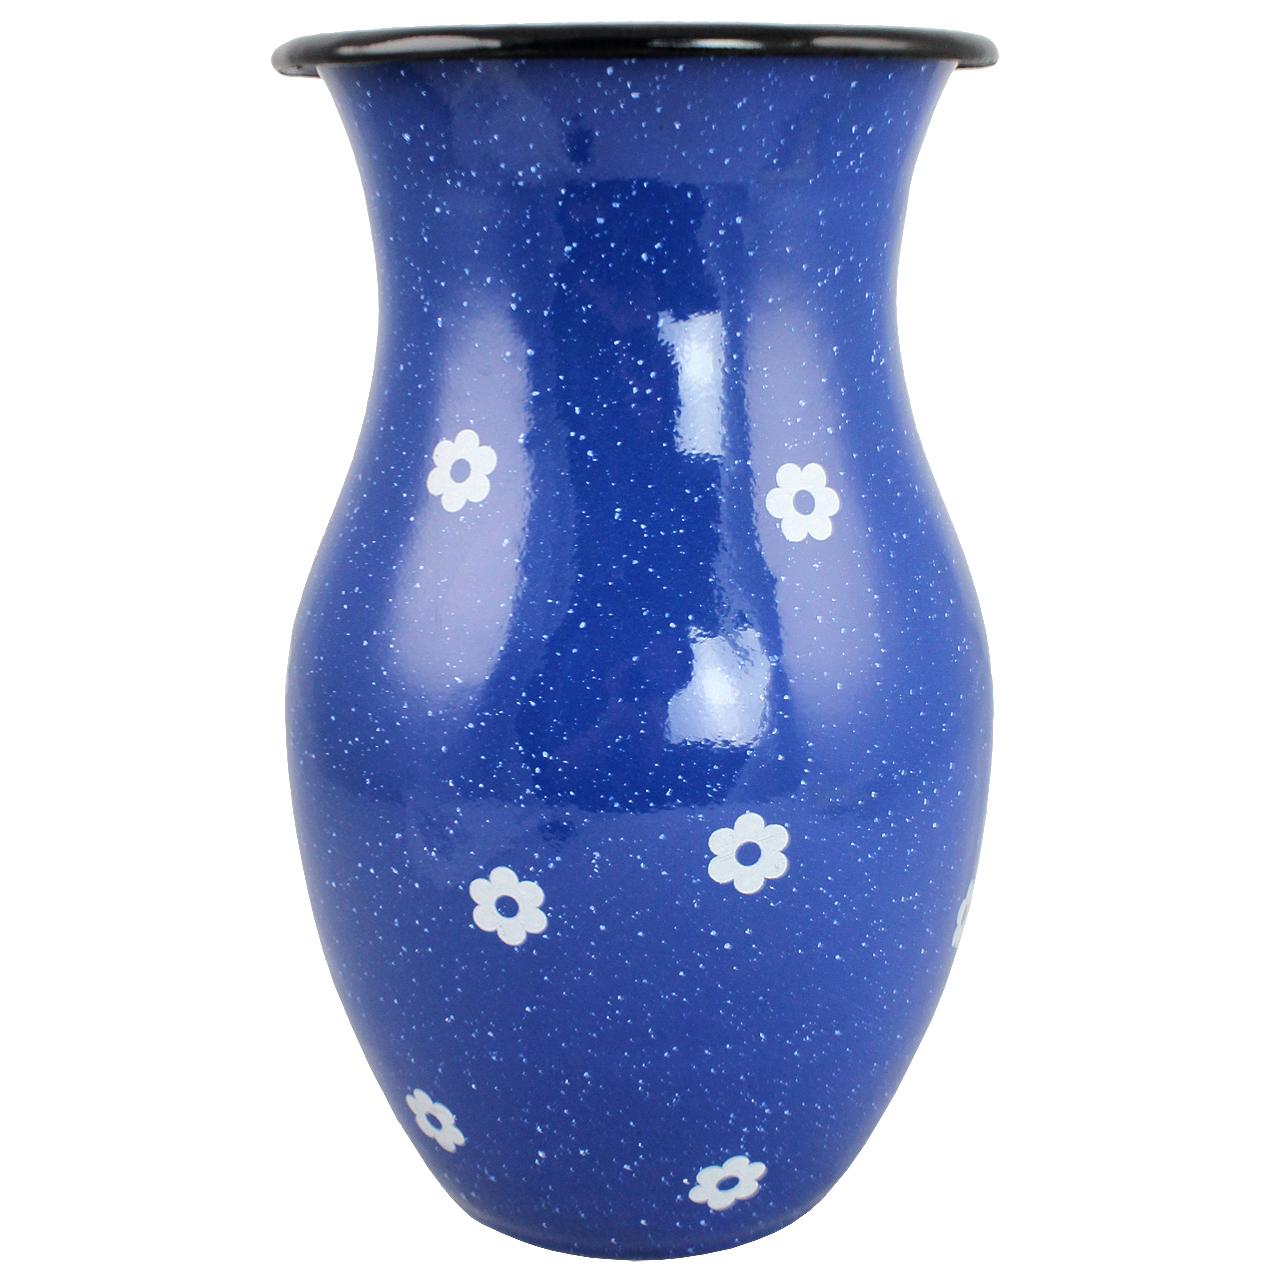 Vaza Din Metal Albastru Cu Floricele 25 Cm